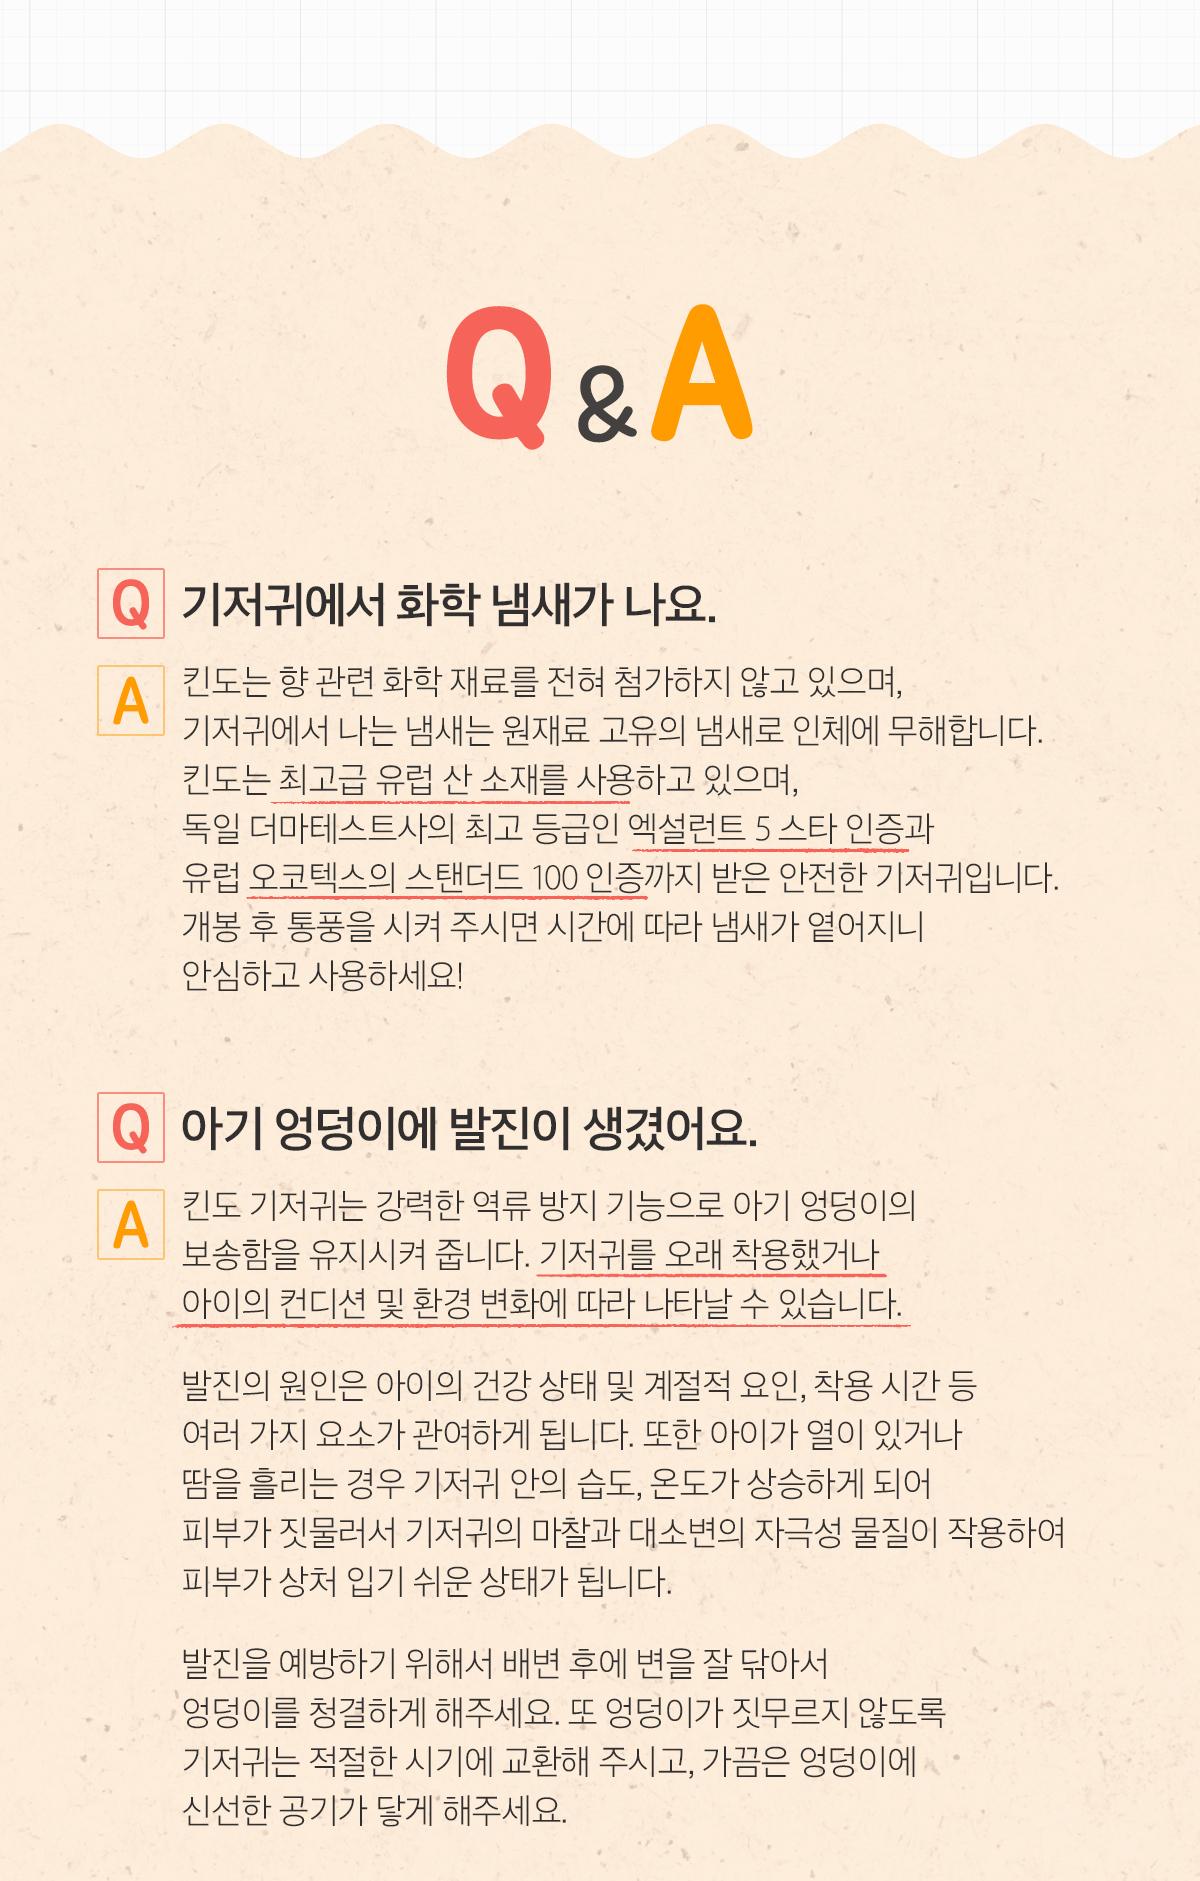 kindoh Q&A